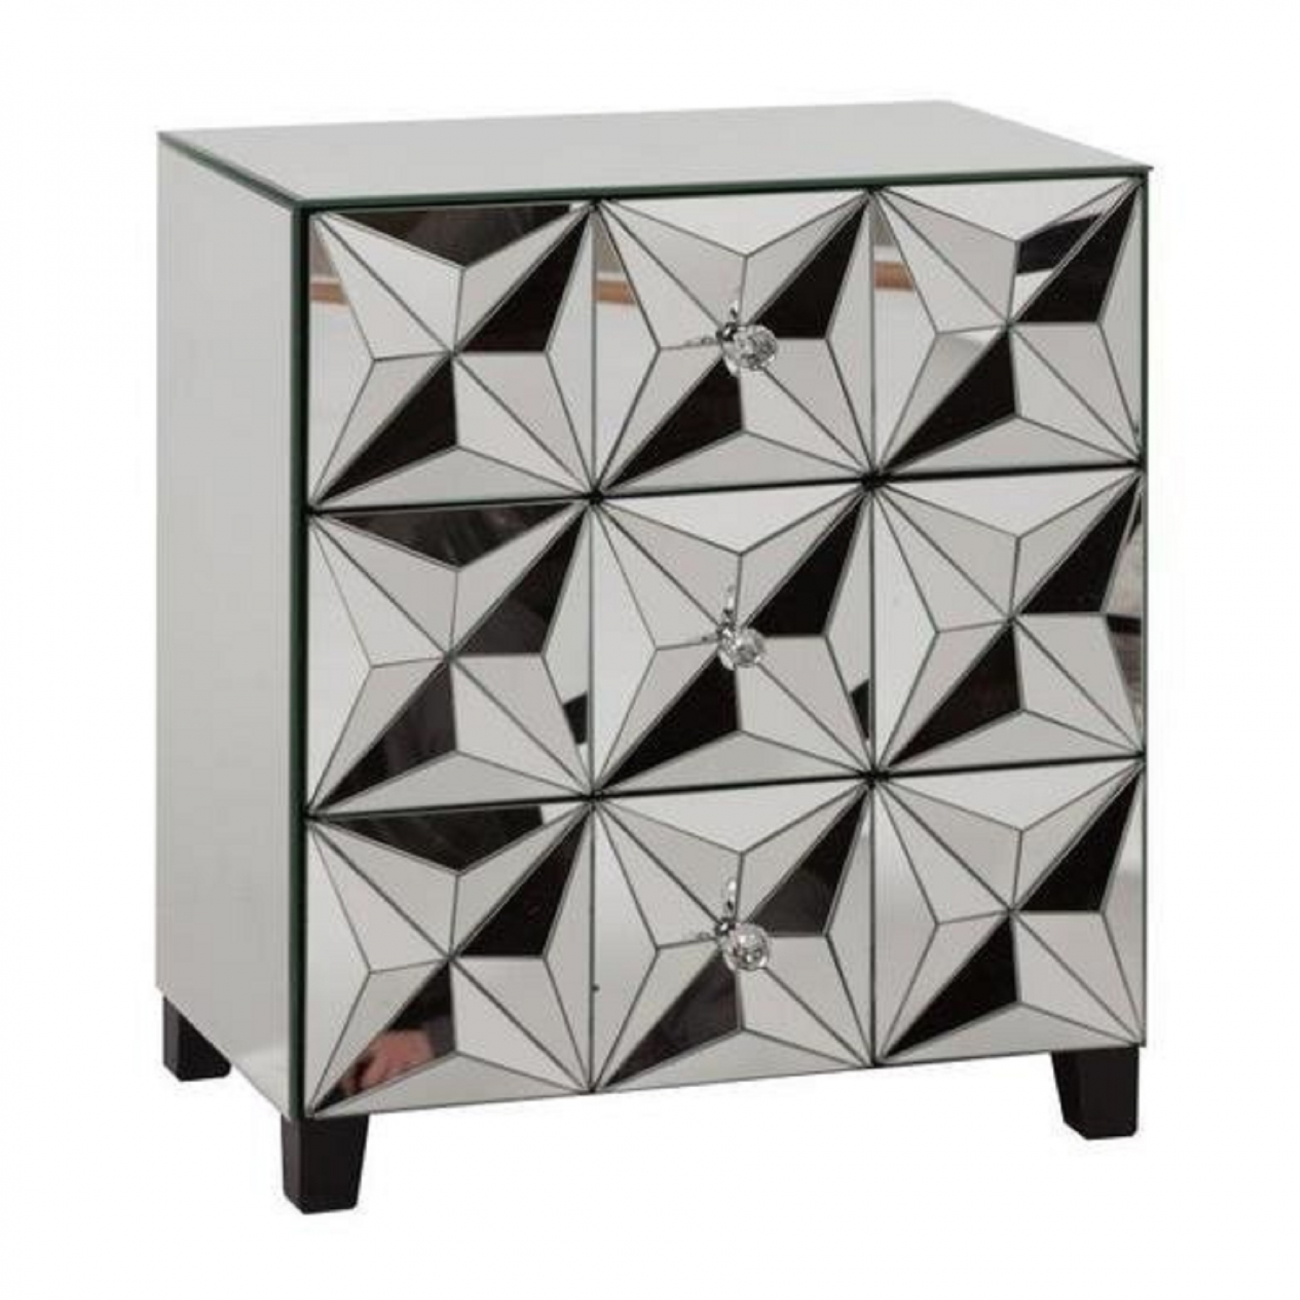 Купить Зеркальная тумбочка Fantasia в интернет магазине дизайнерской мебели и аксессуаров для дома и дачи